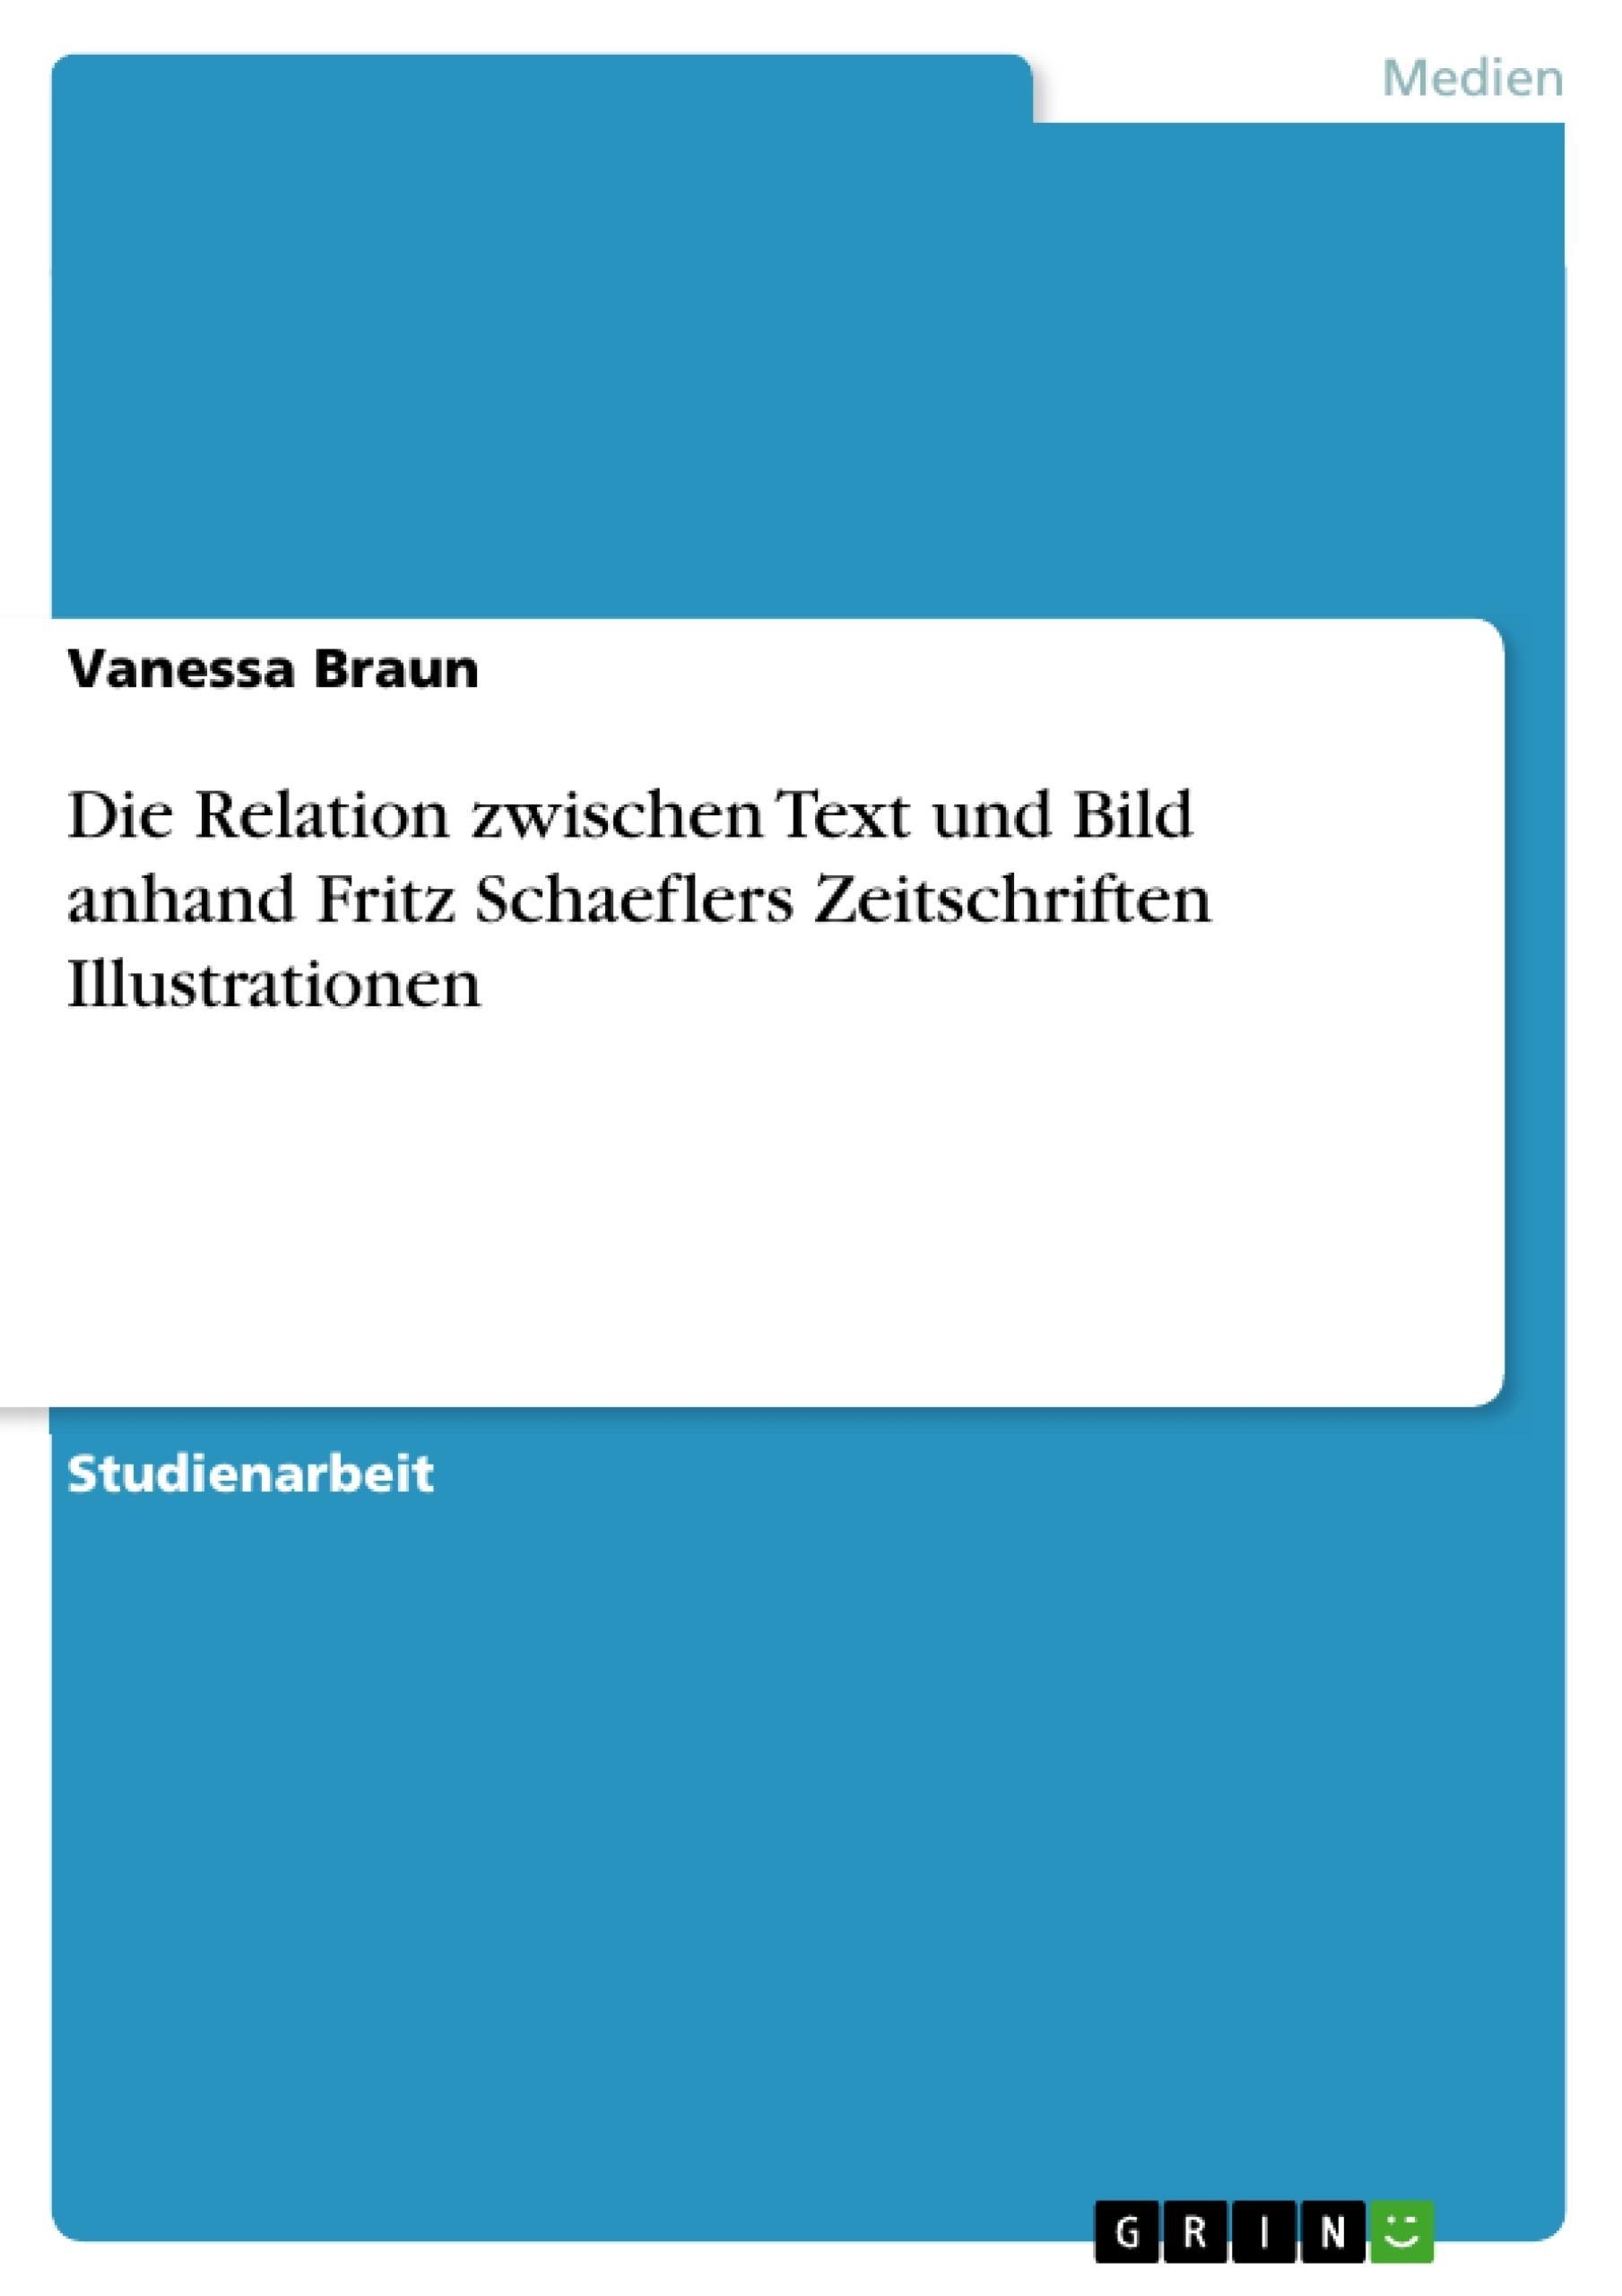 Titel: Die Relation zwischen Text und Bild anhand Fritz Schaeflers Zeitschriften Illustrationen